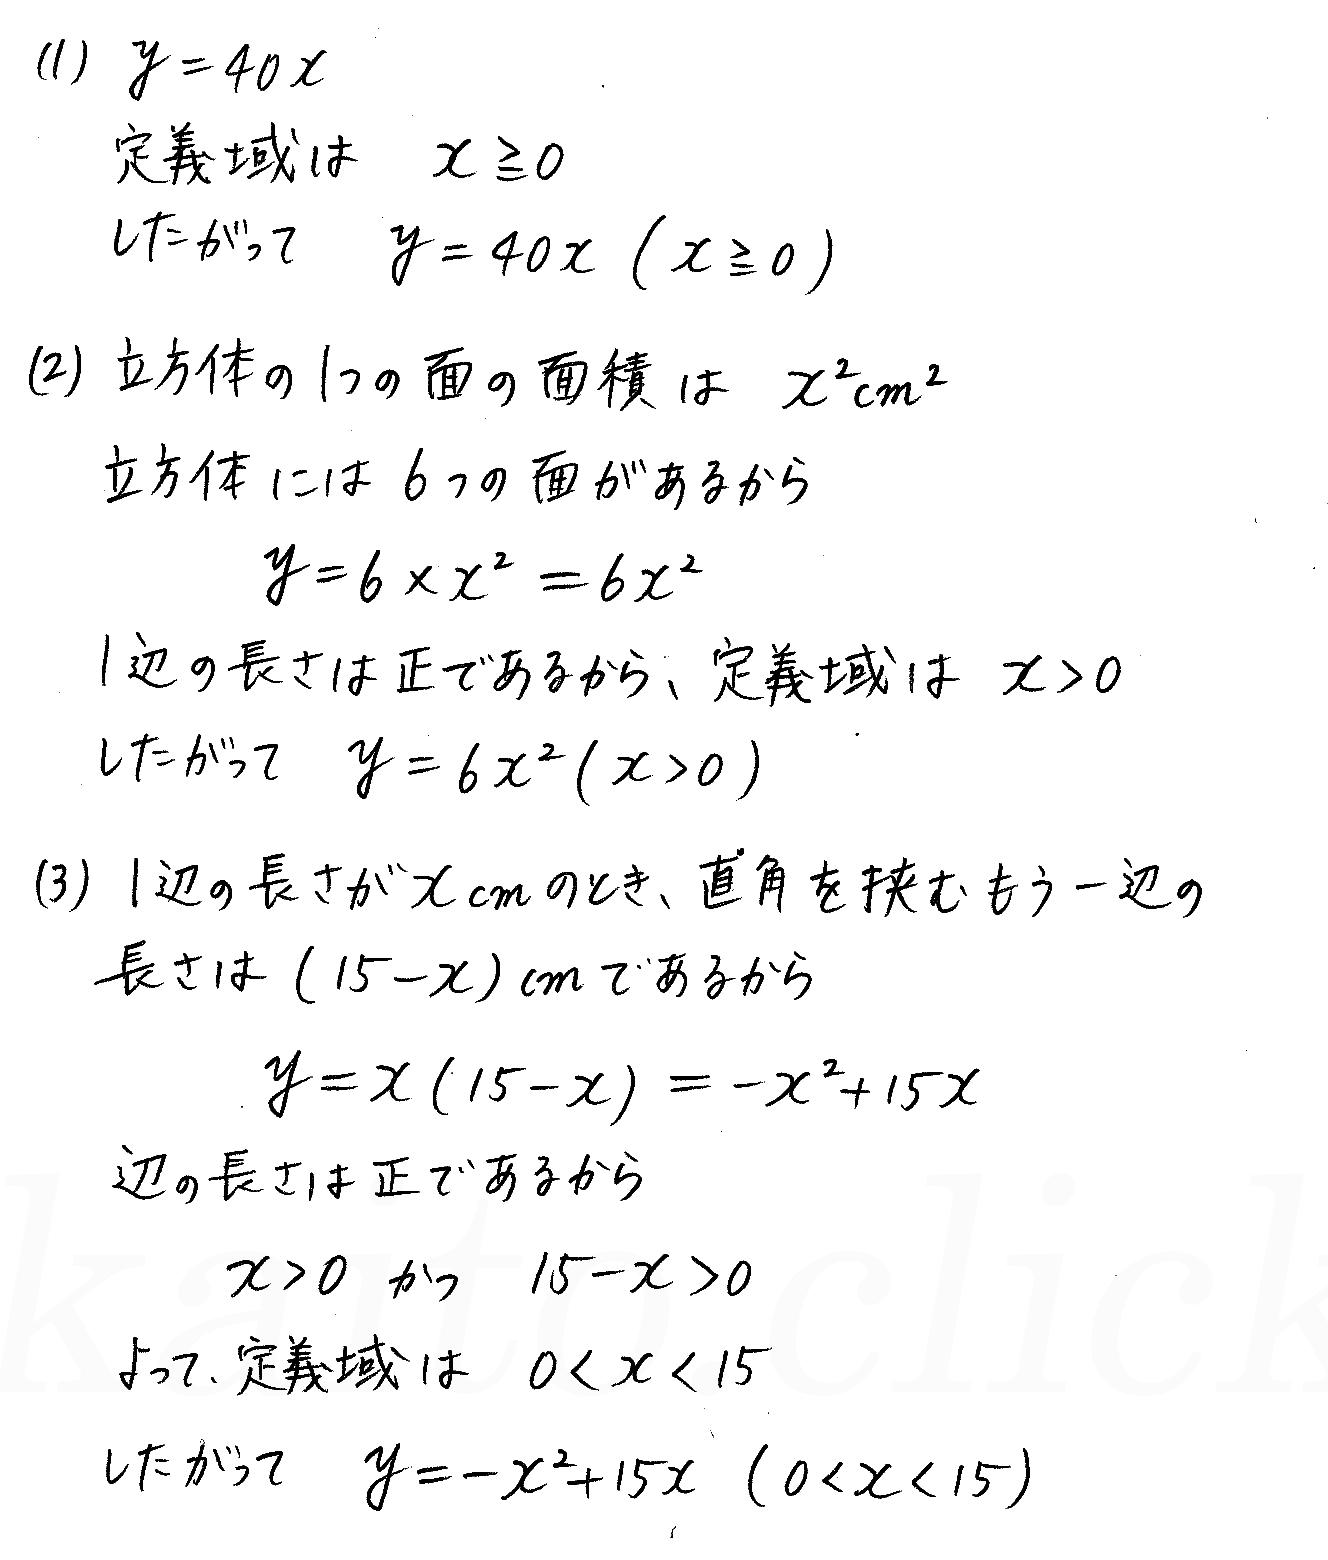 クリアー数学1-144解答